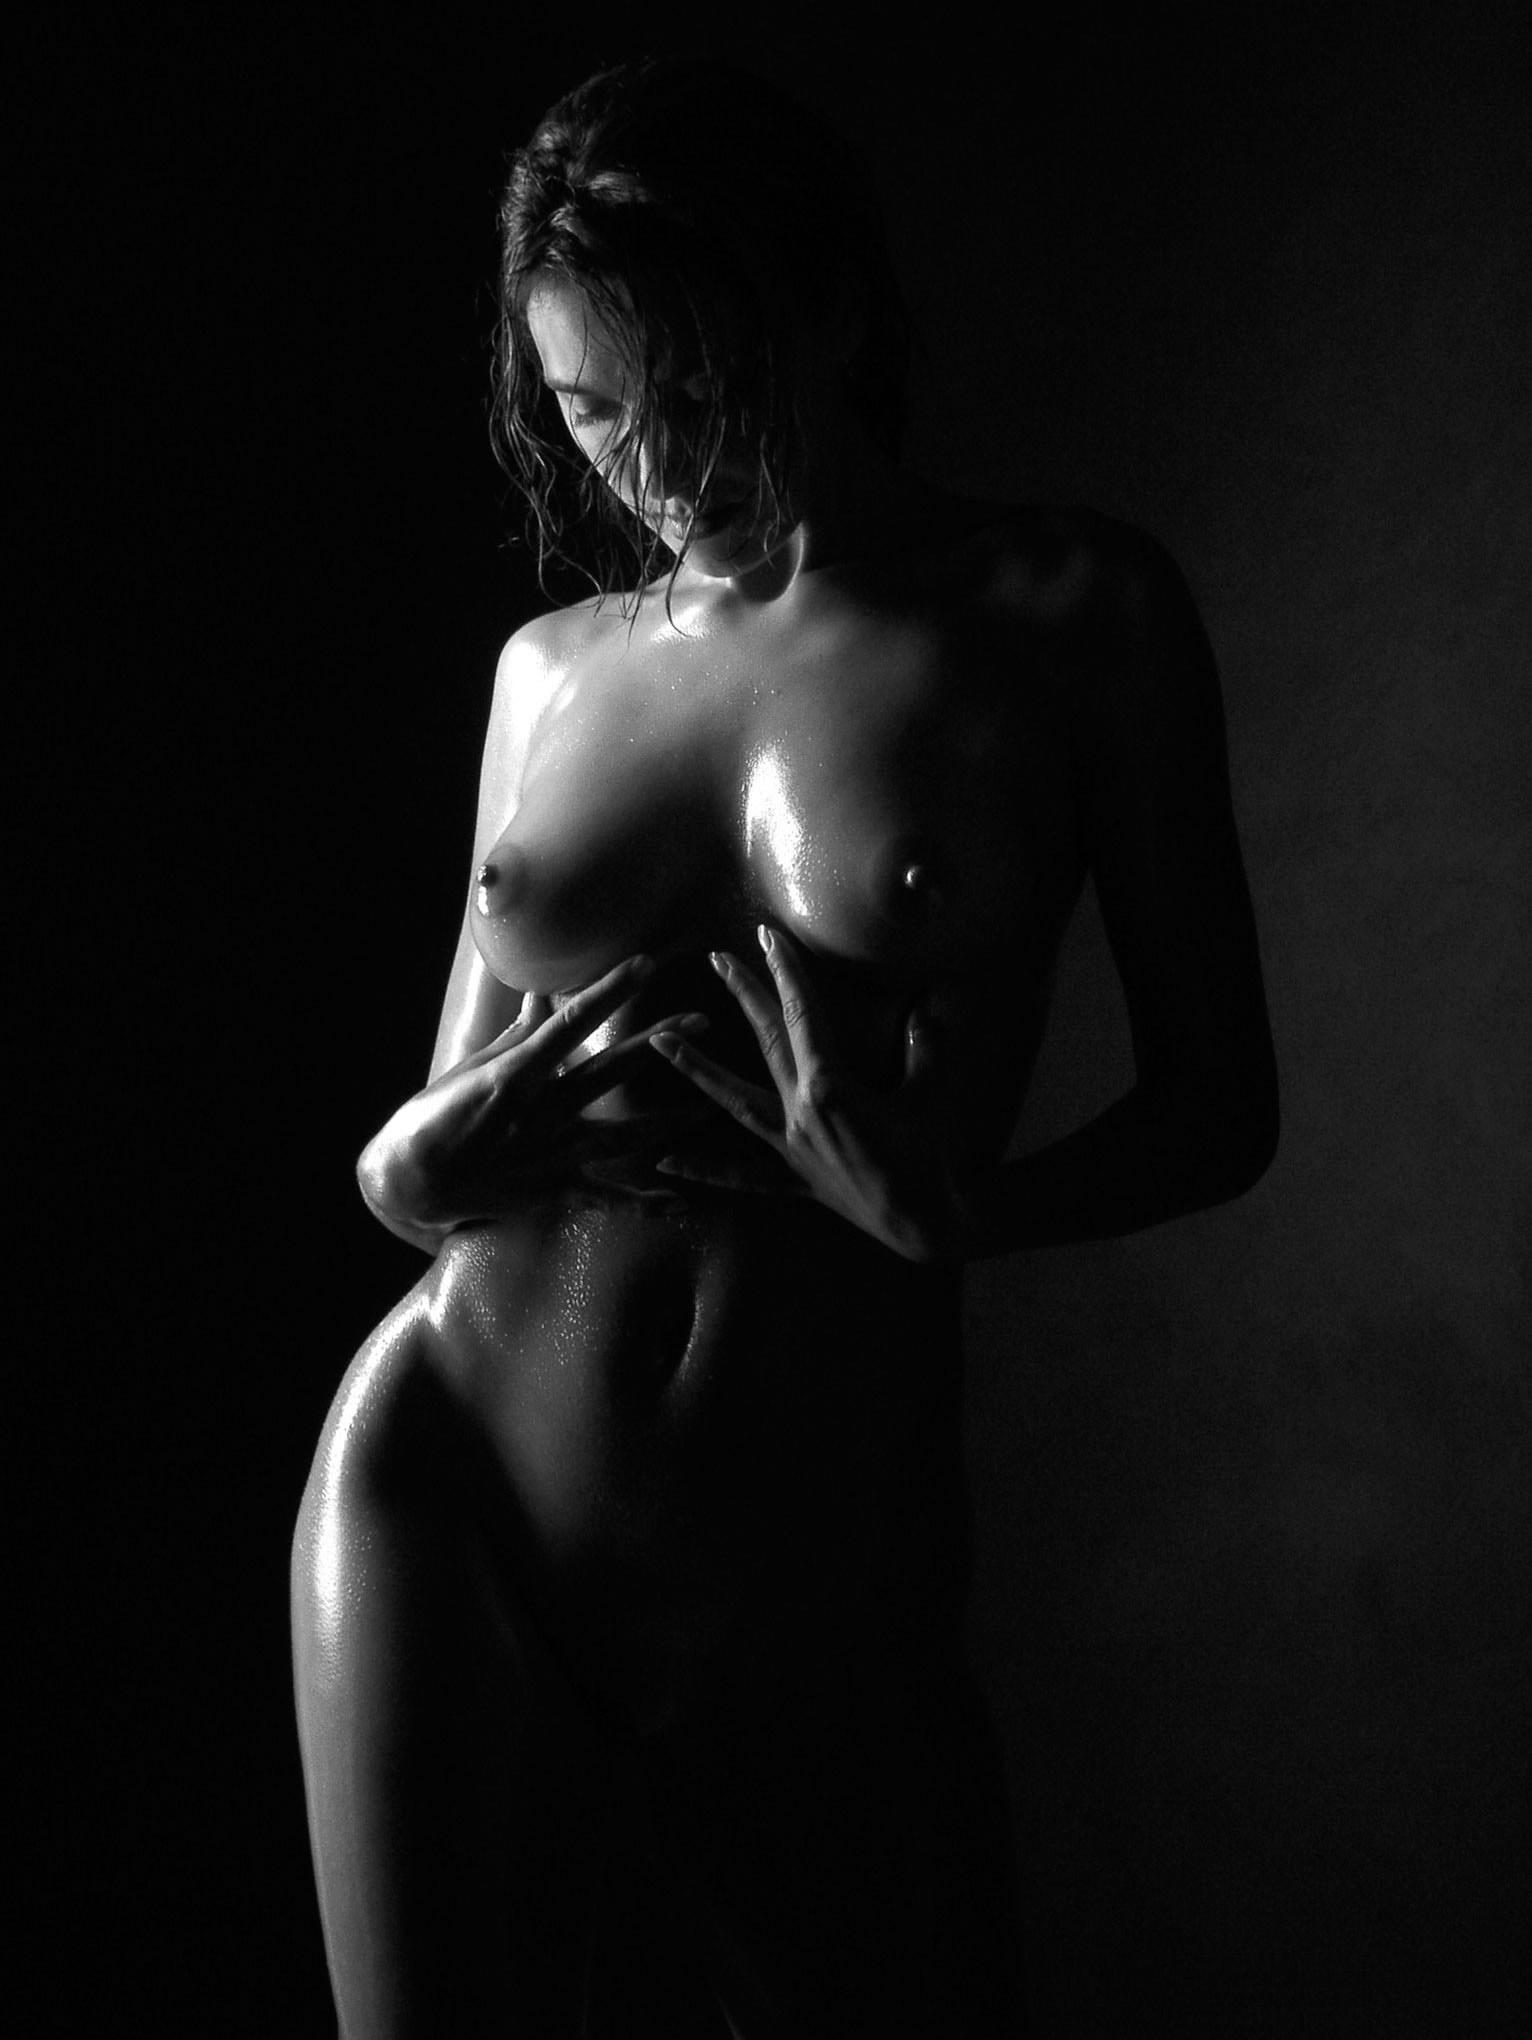 Фото красота обнаженного тела 12 фотография